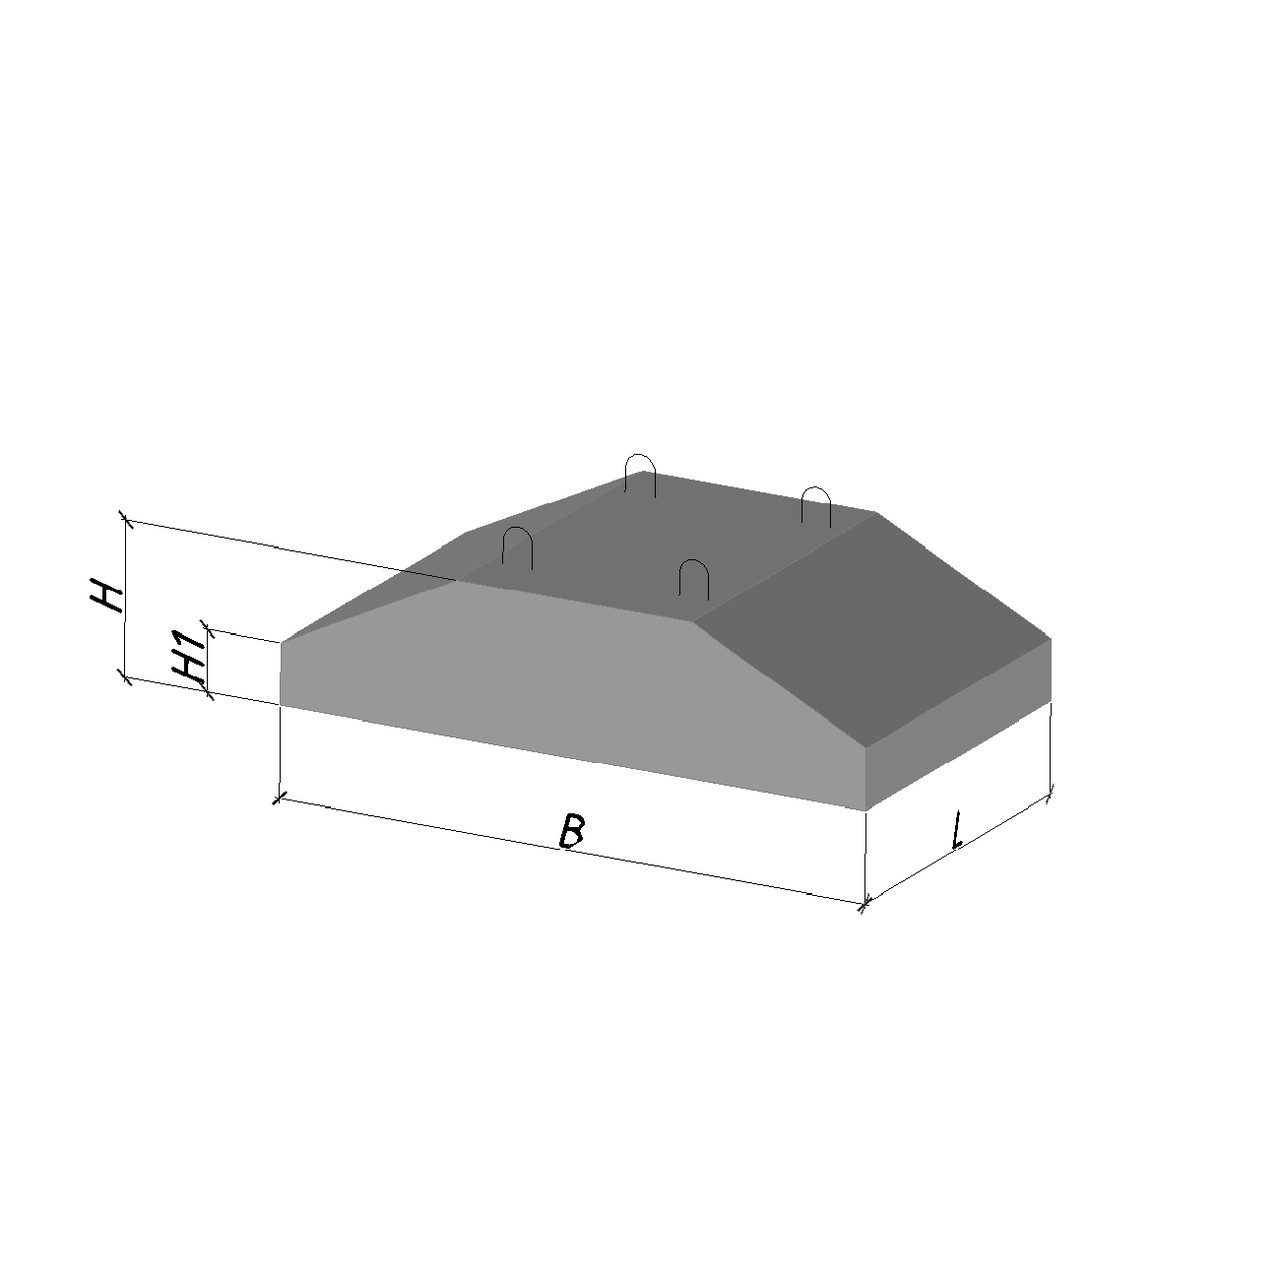 Фундаментная подушка фл14-12-2 (1400х1180х300)